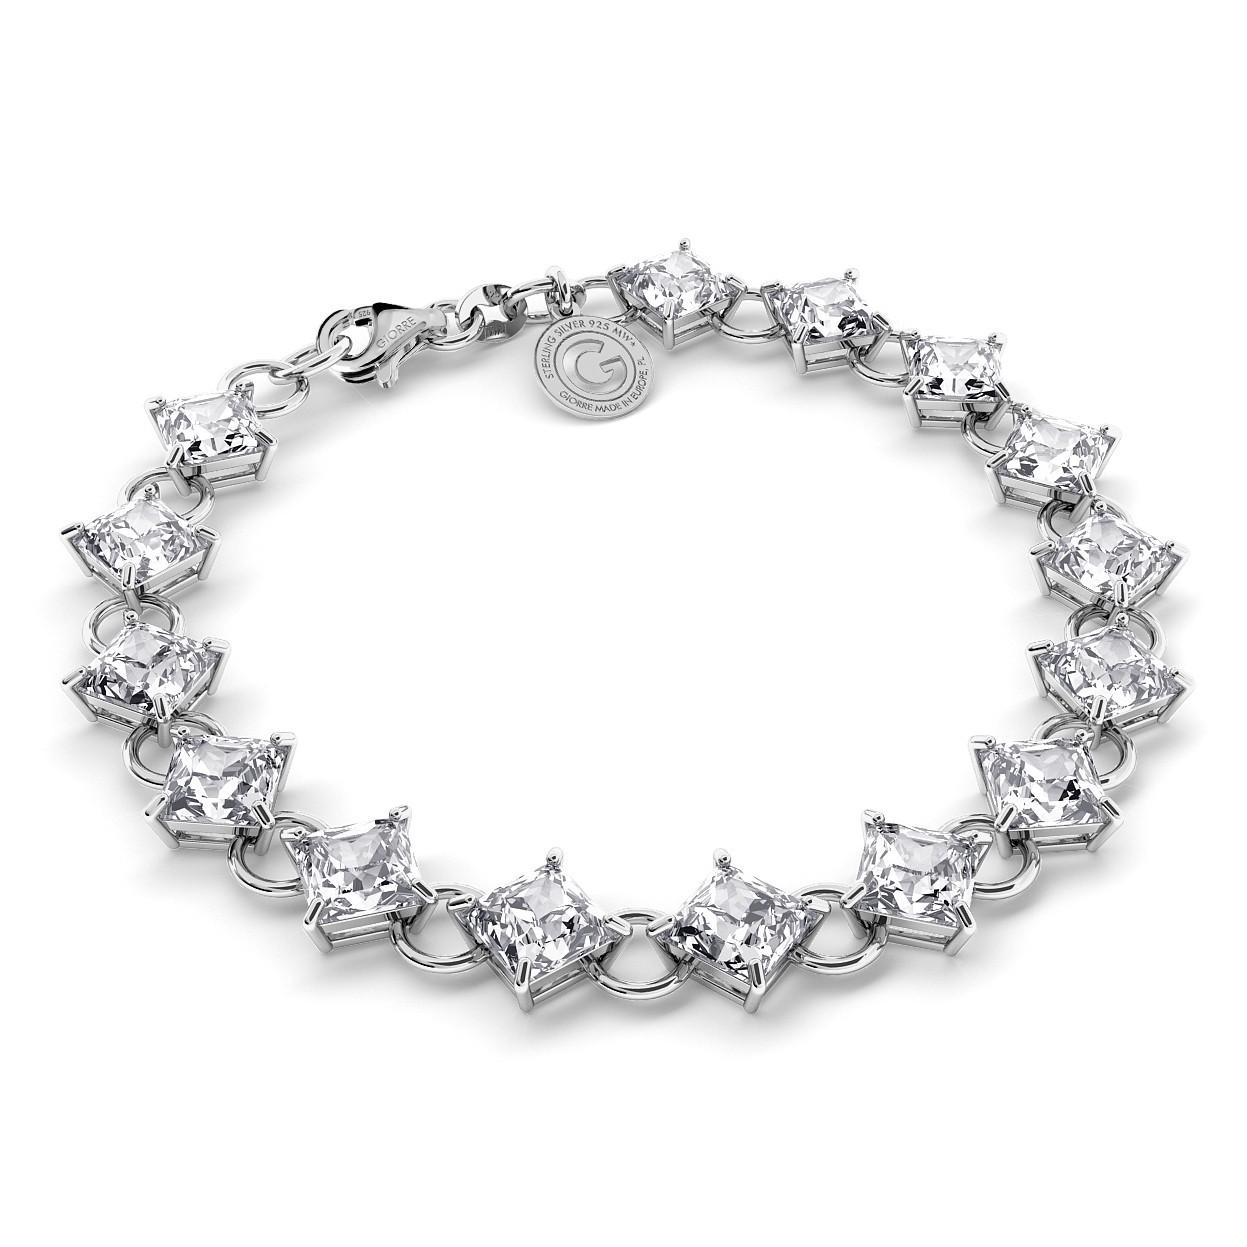 Armband mit Zirkonen, Hochzeitsschmuck - MODEL 1